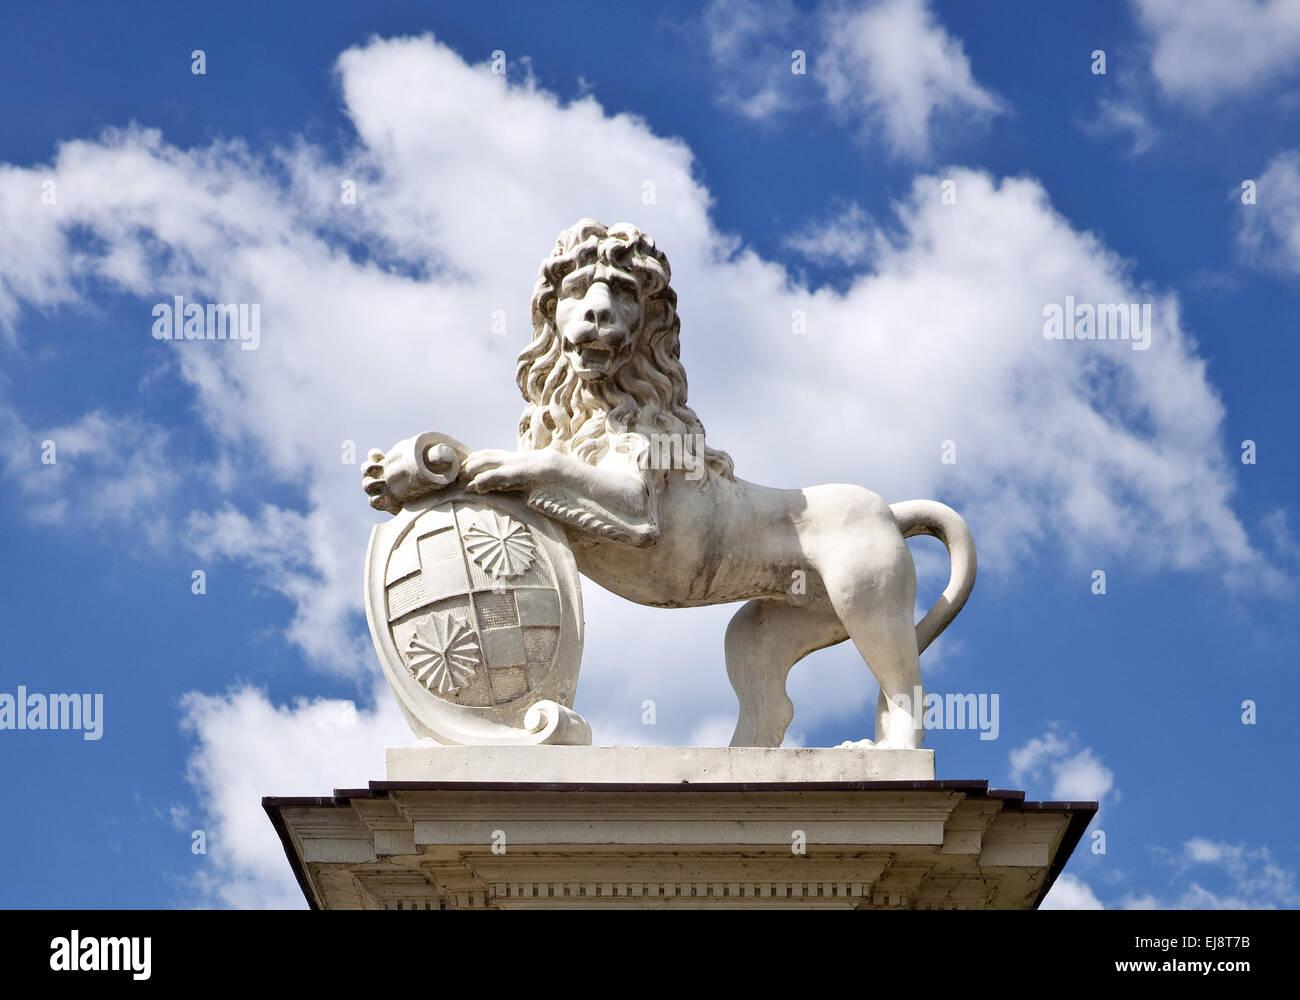 Escultura de León, Palacio Nordkirchen, Alemania Foto de stock